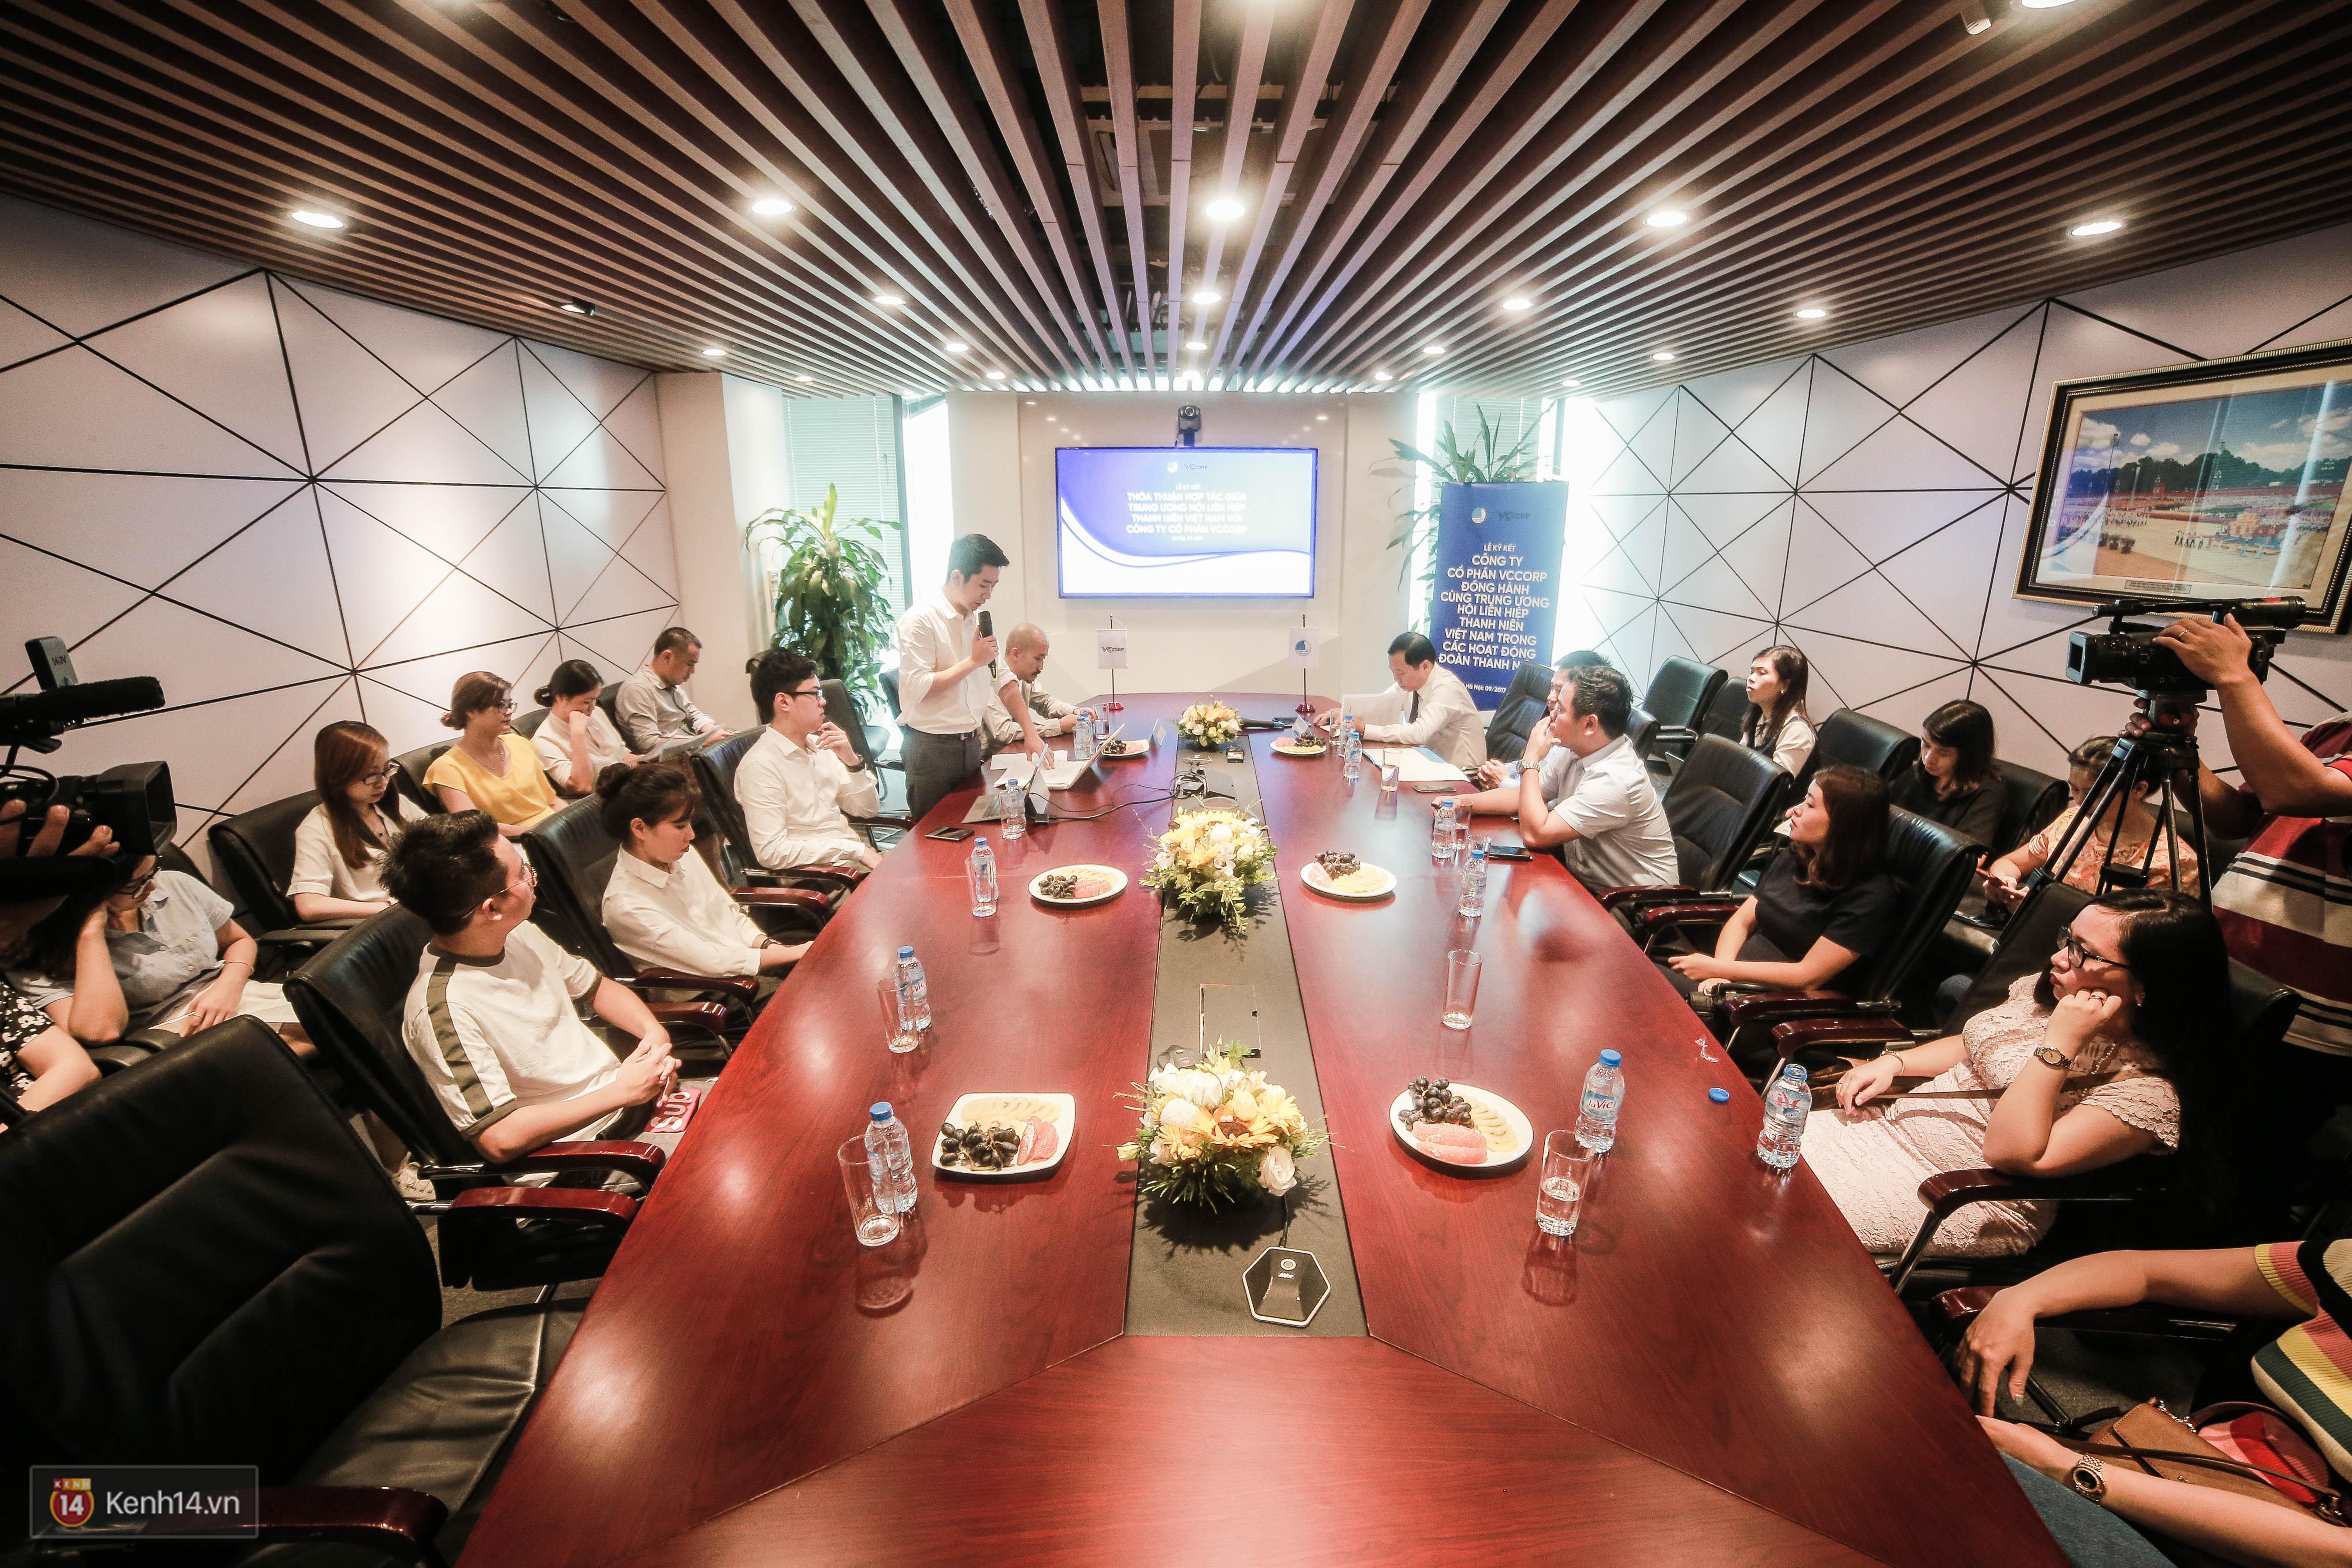 Lễ ký kết thỏa thuận hợp tác giữa TW Hội Liên hiệp Thanh niên Việt Nam và Công ty CP VCCorp - Ảnh 4.